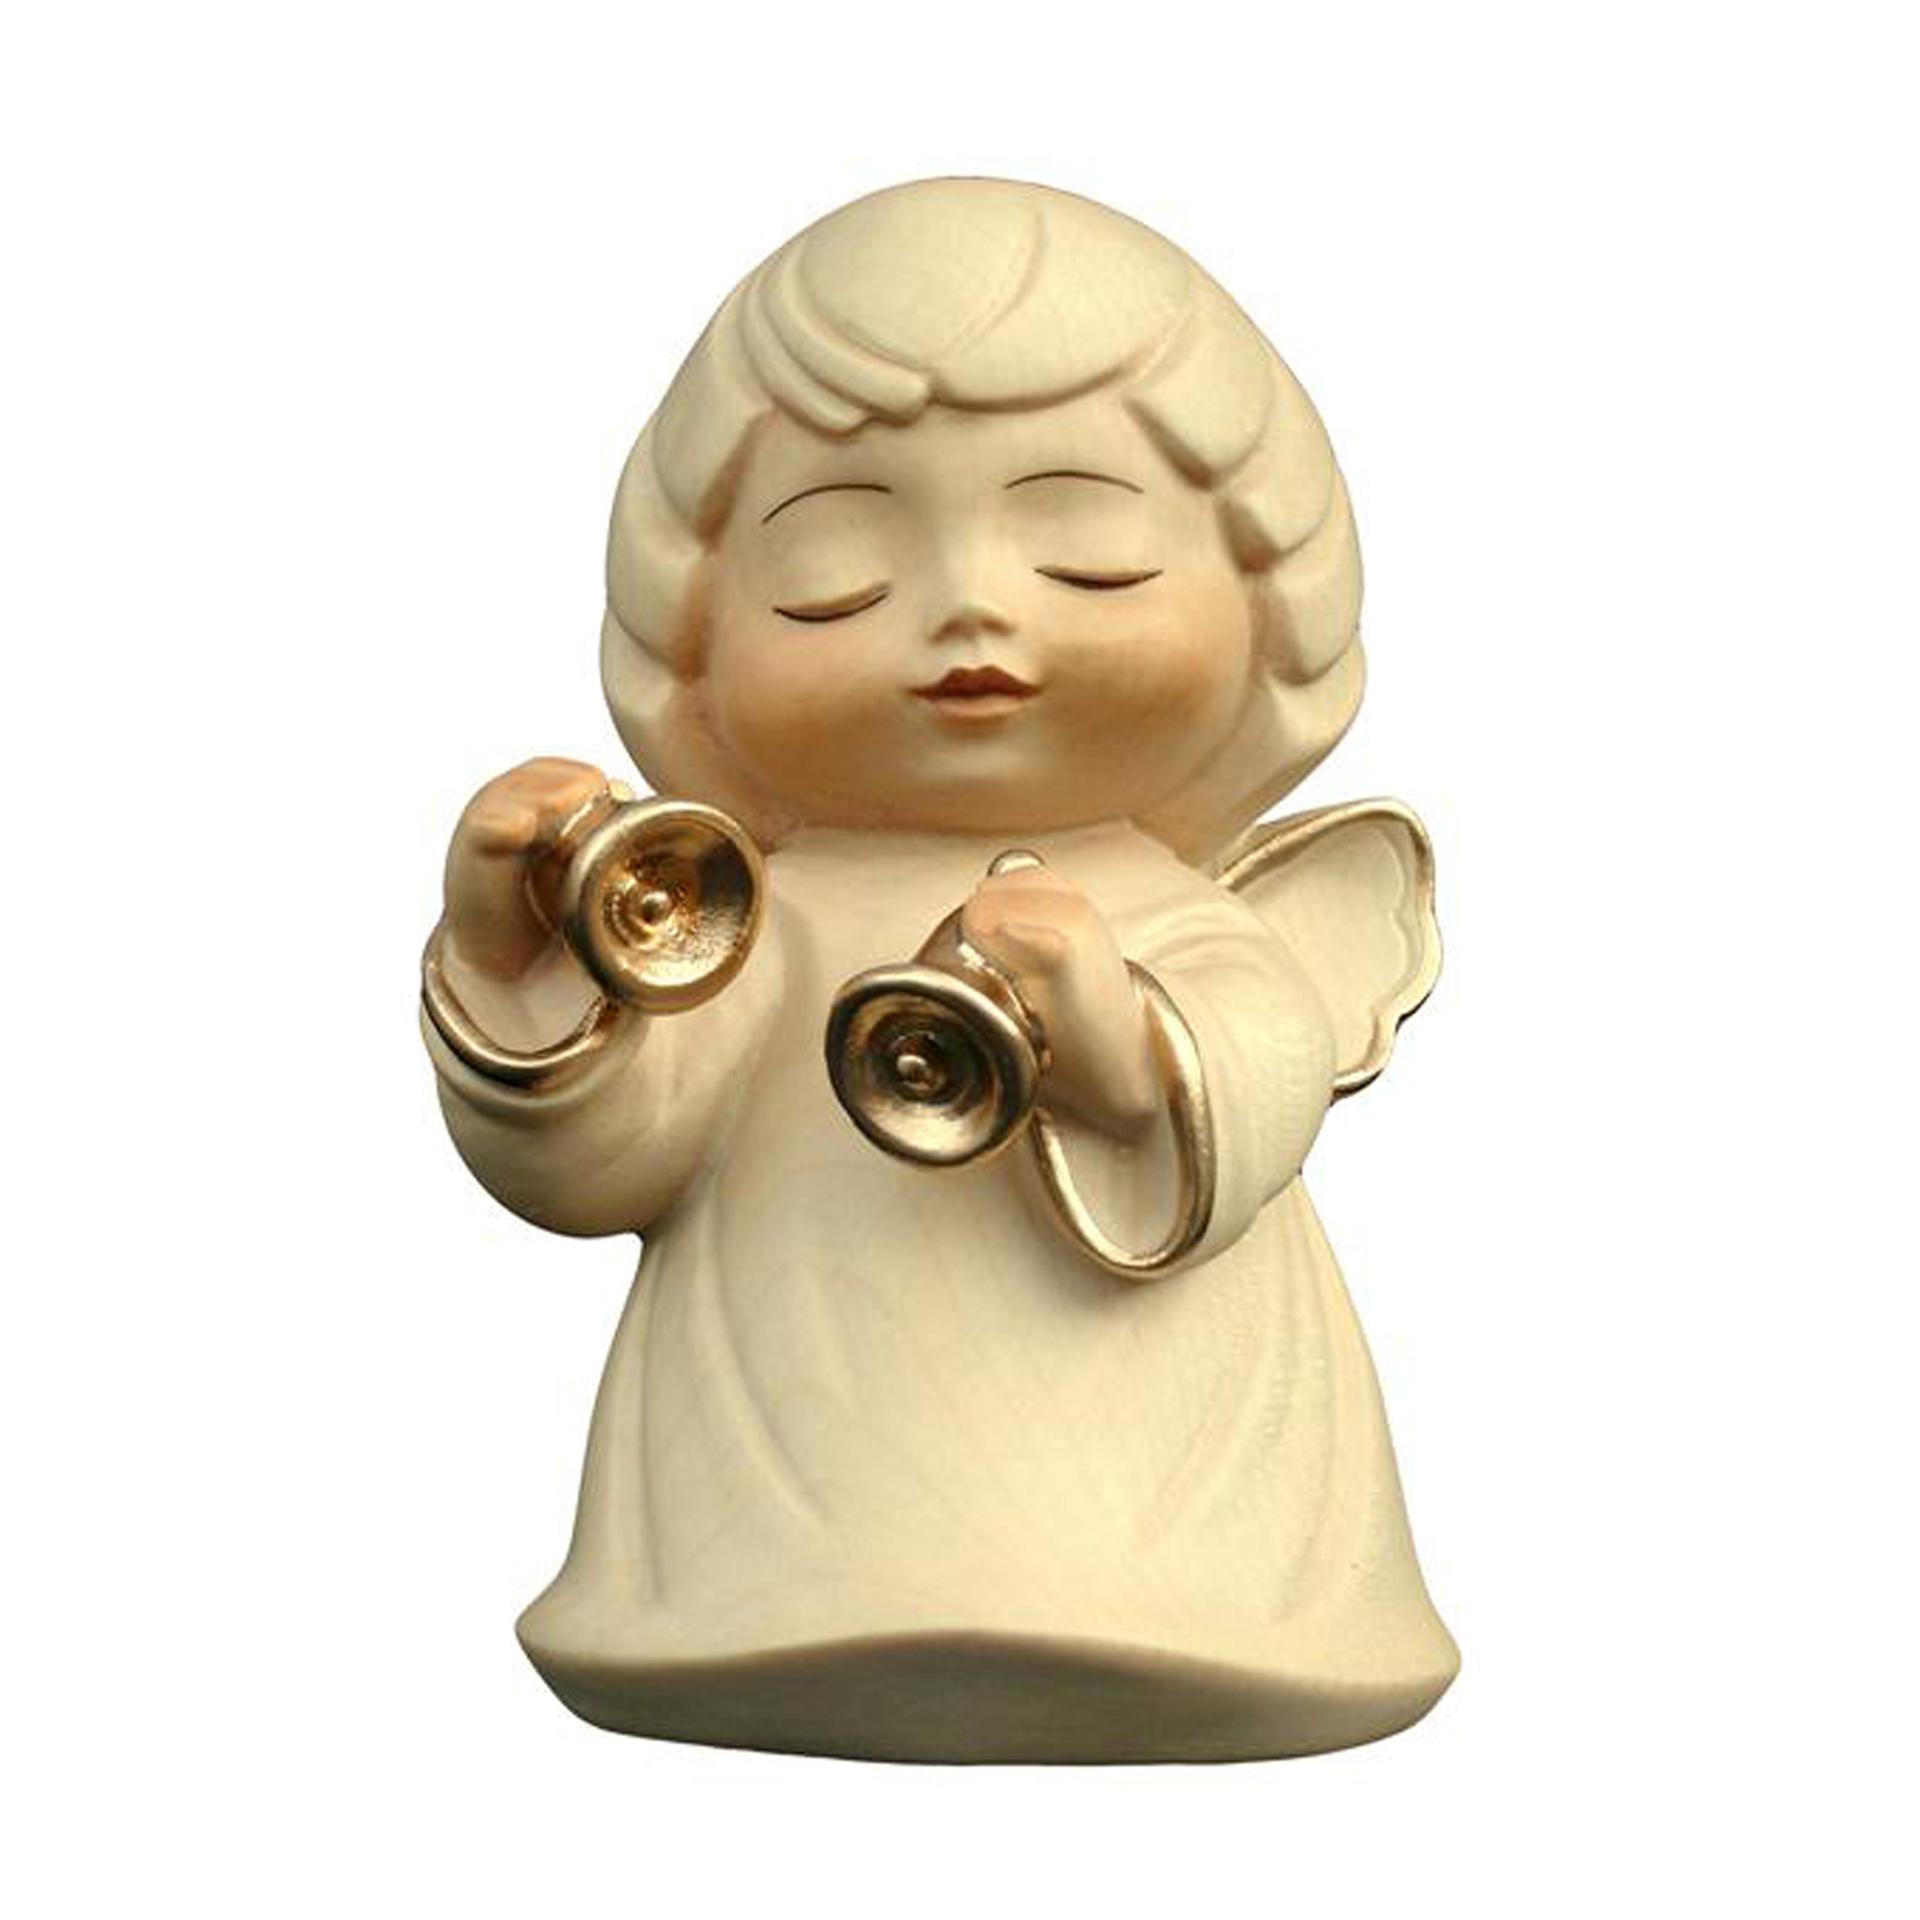 Engel mit Glocke, alabaster